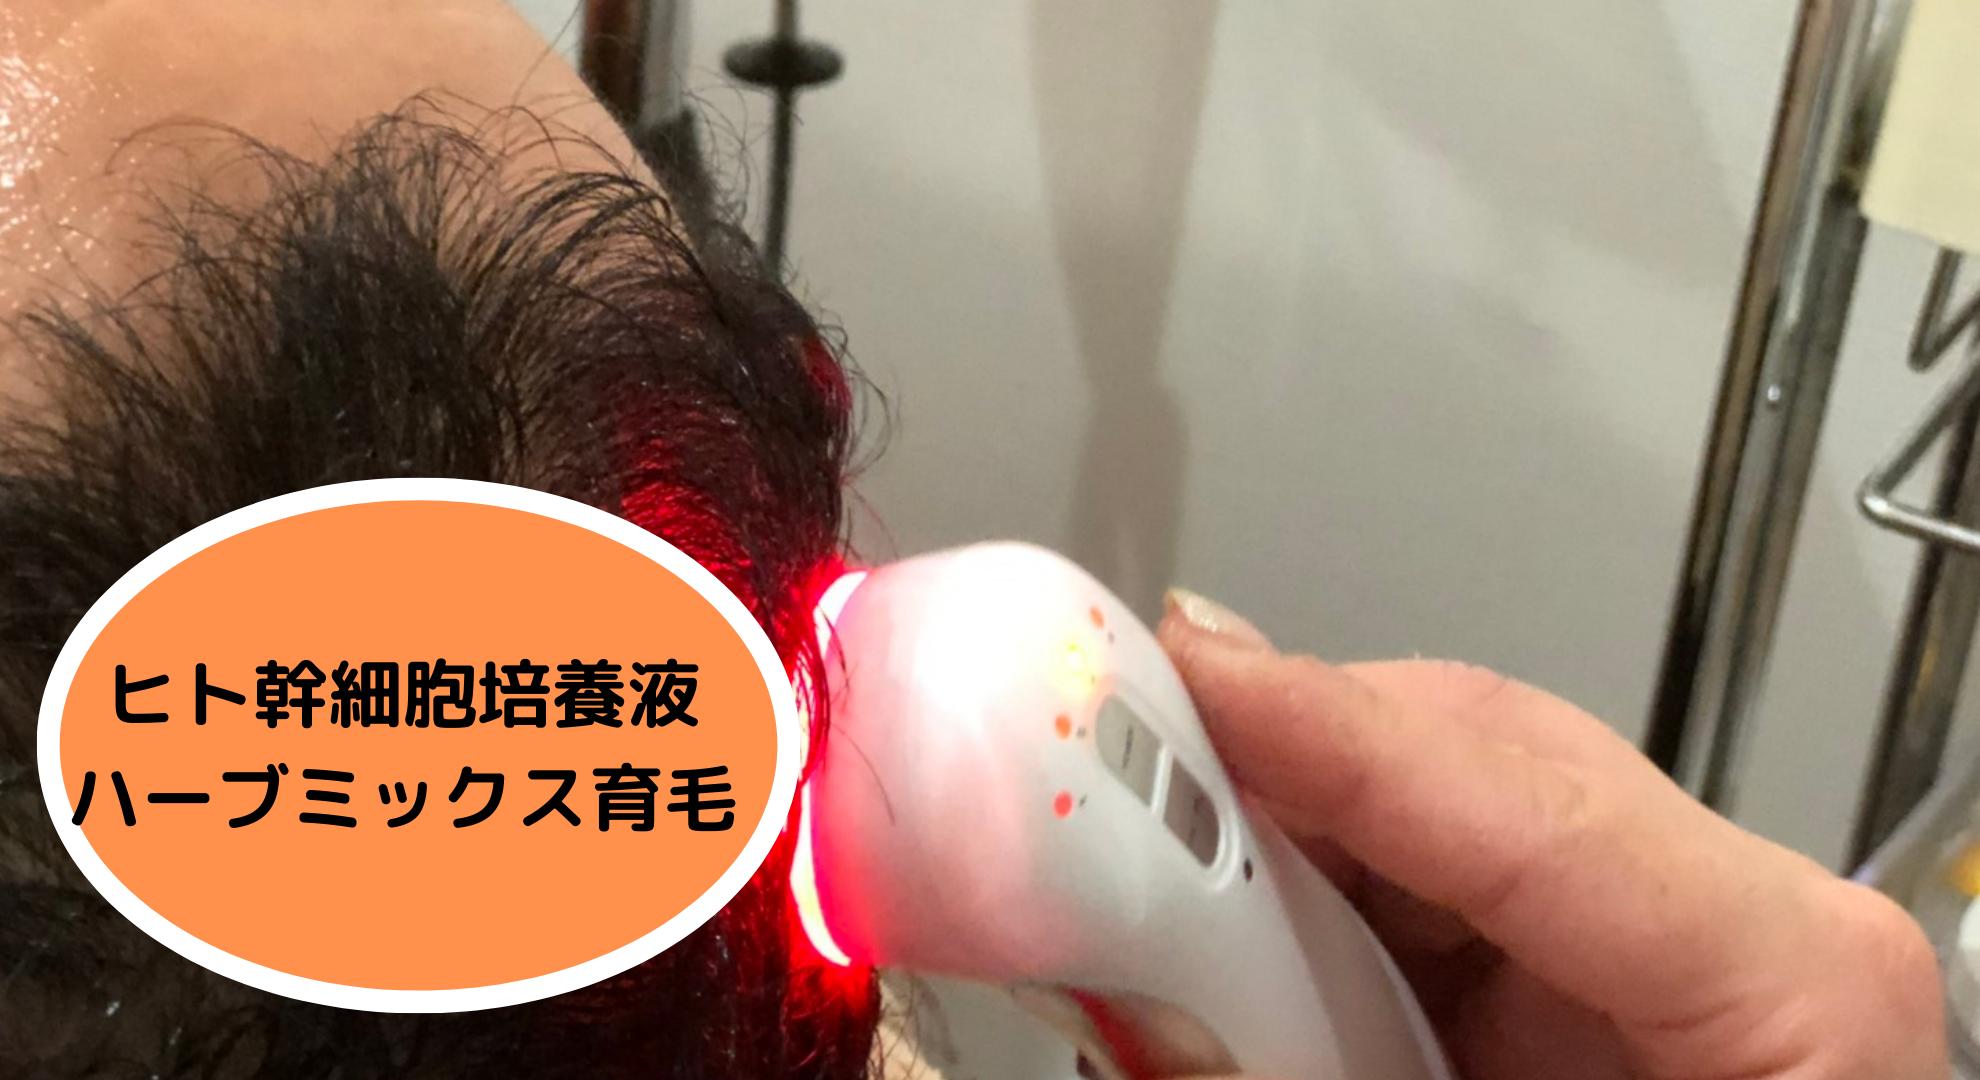 ヒト幹細胞培養液ハーブミックス育毛